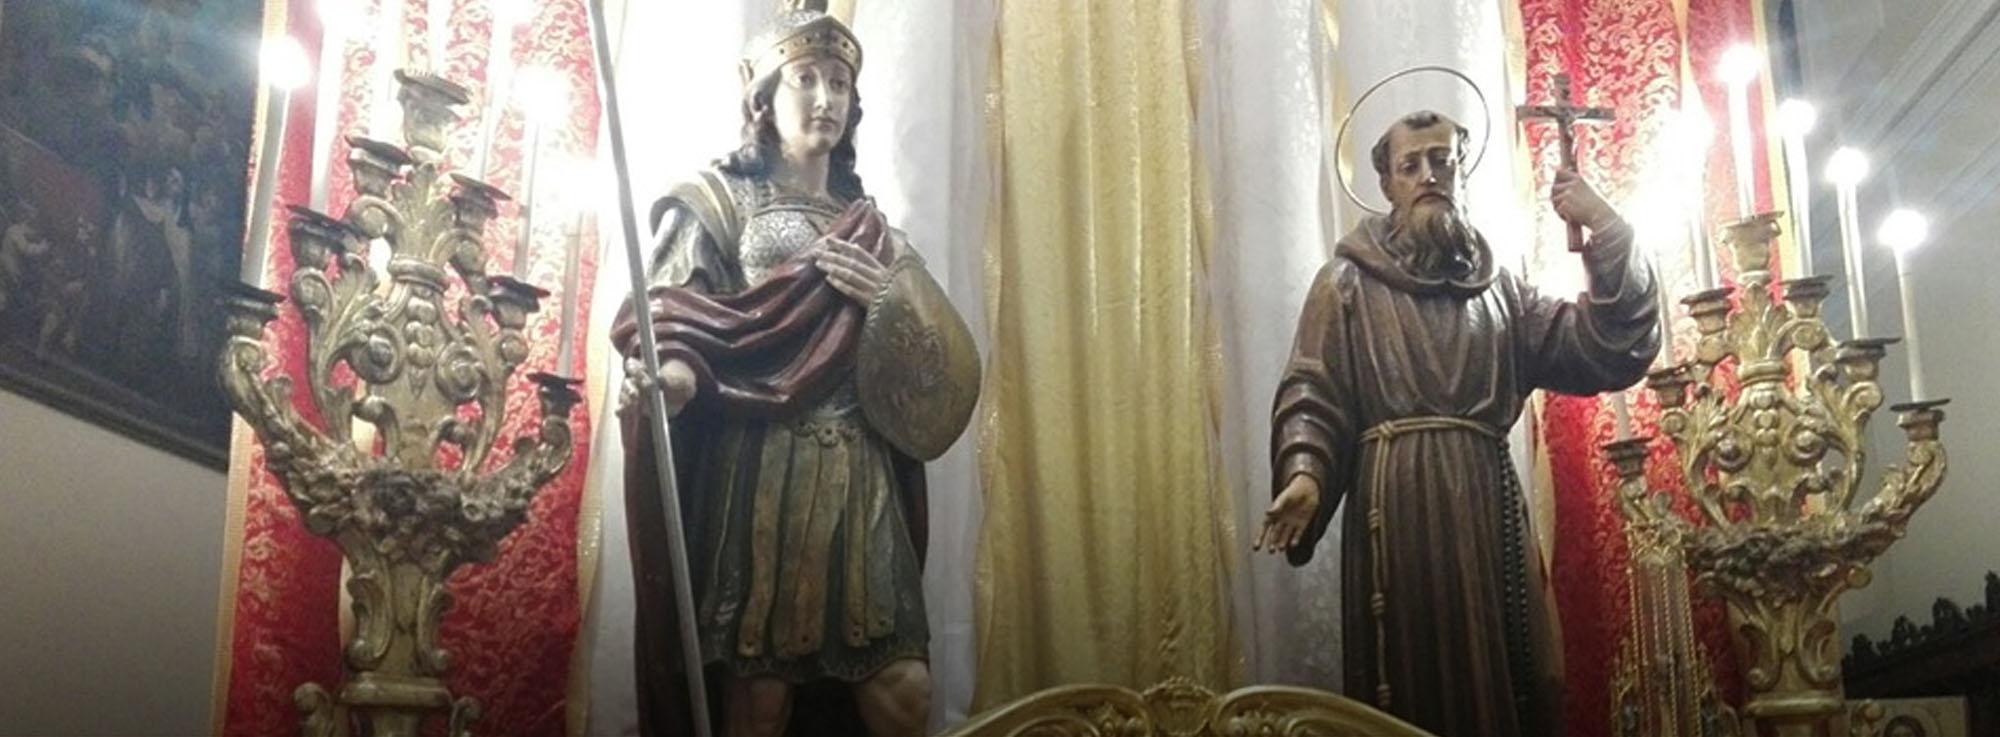 Brindisi: Festa patronale